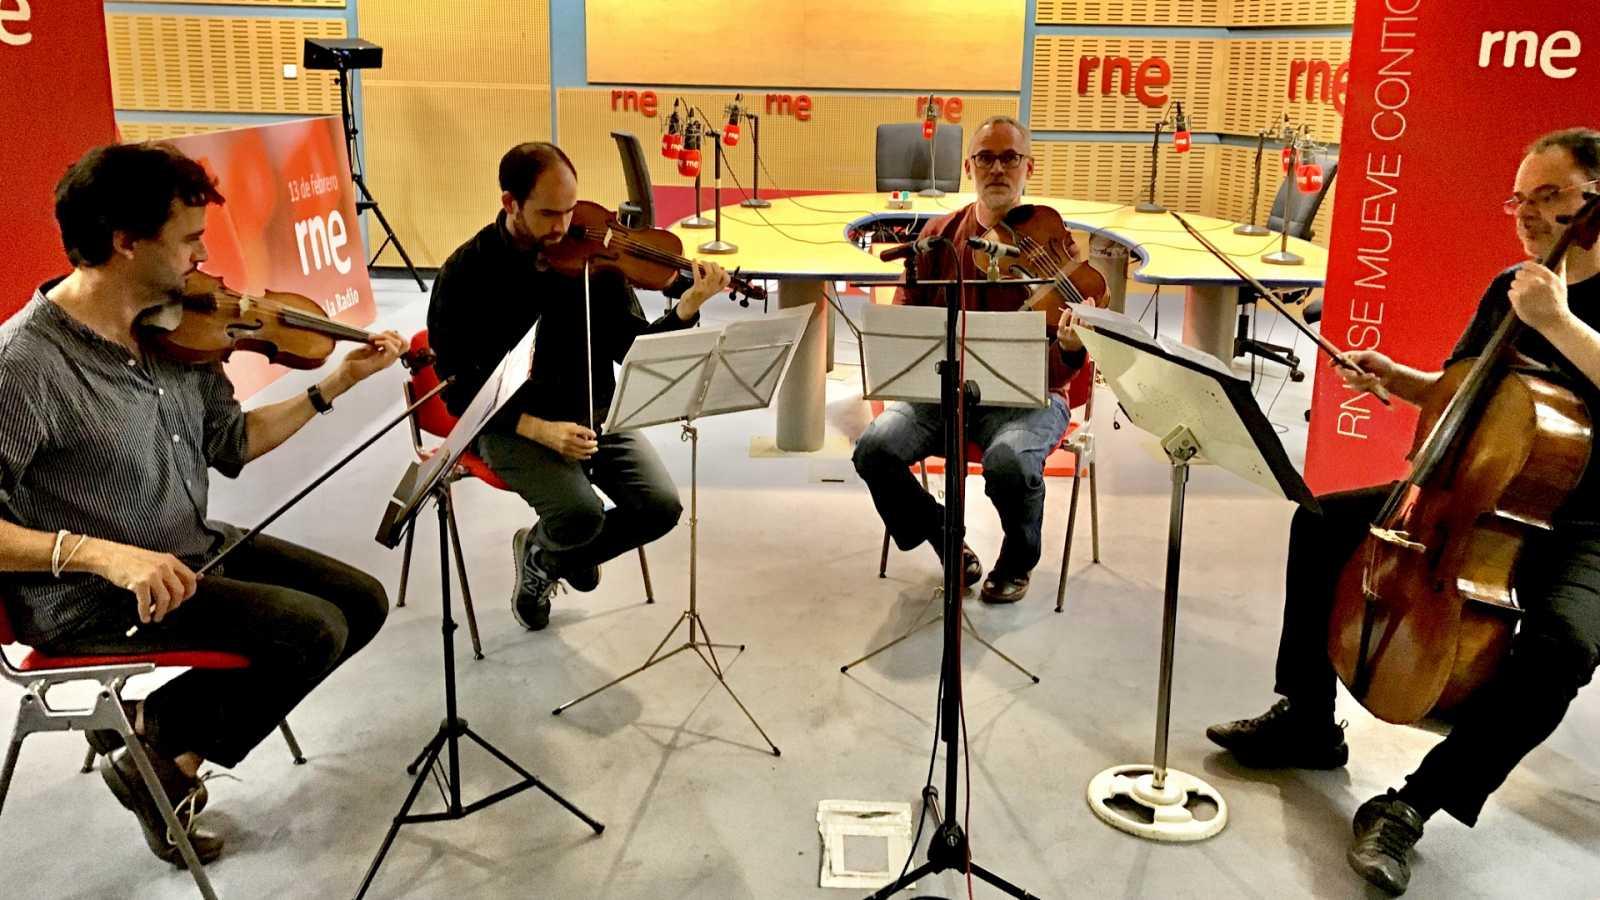 Entre dos luces - Brunetti en directo, con cuarteto Trifolium - 01/11/19 - escuchar ahora